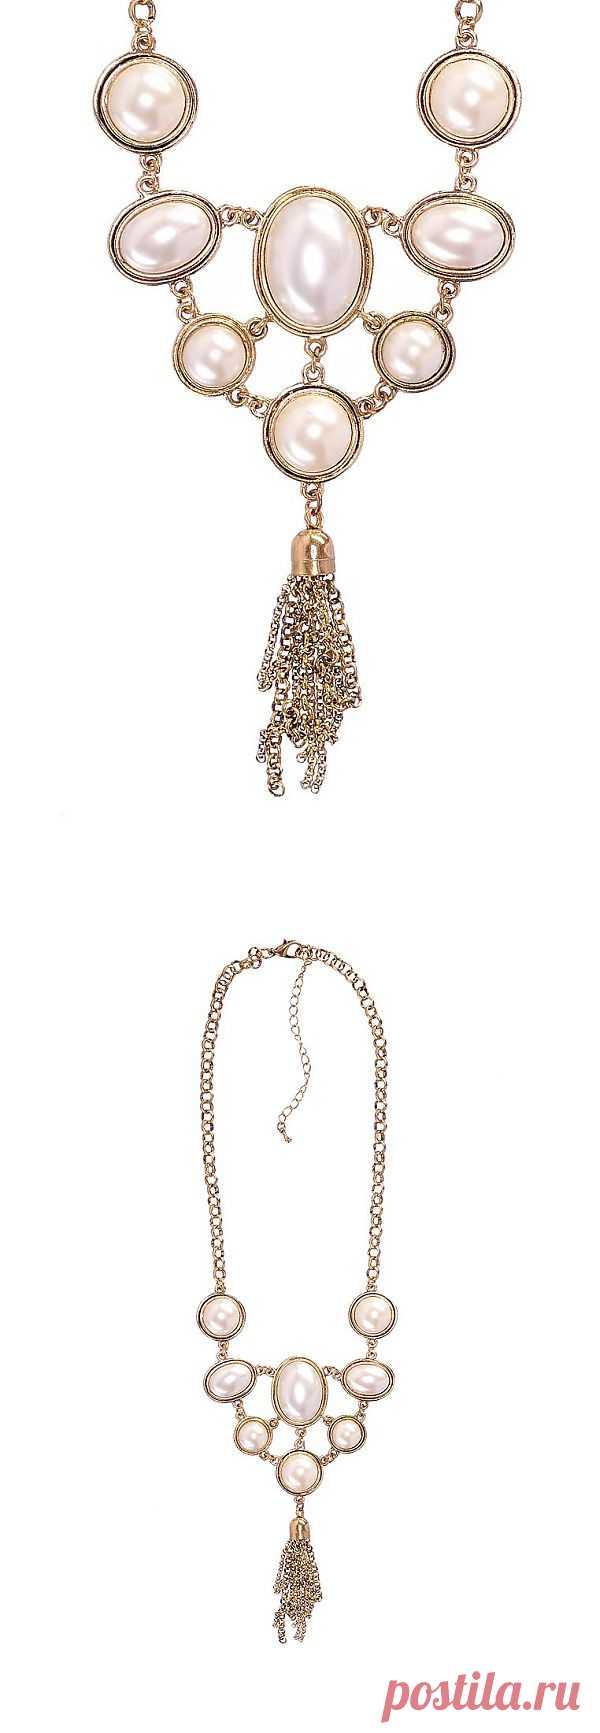 """Элегантное ожерелье в викторианском стиле """"Модные истории"""" - эффектное дополнение вечернего наряда! Купить за 640 рублей."""